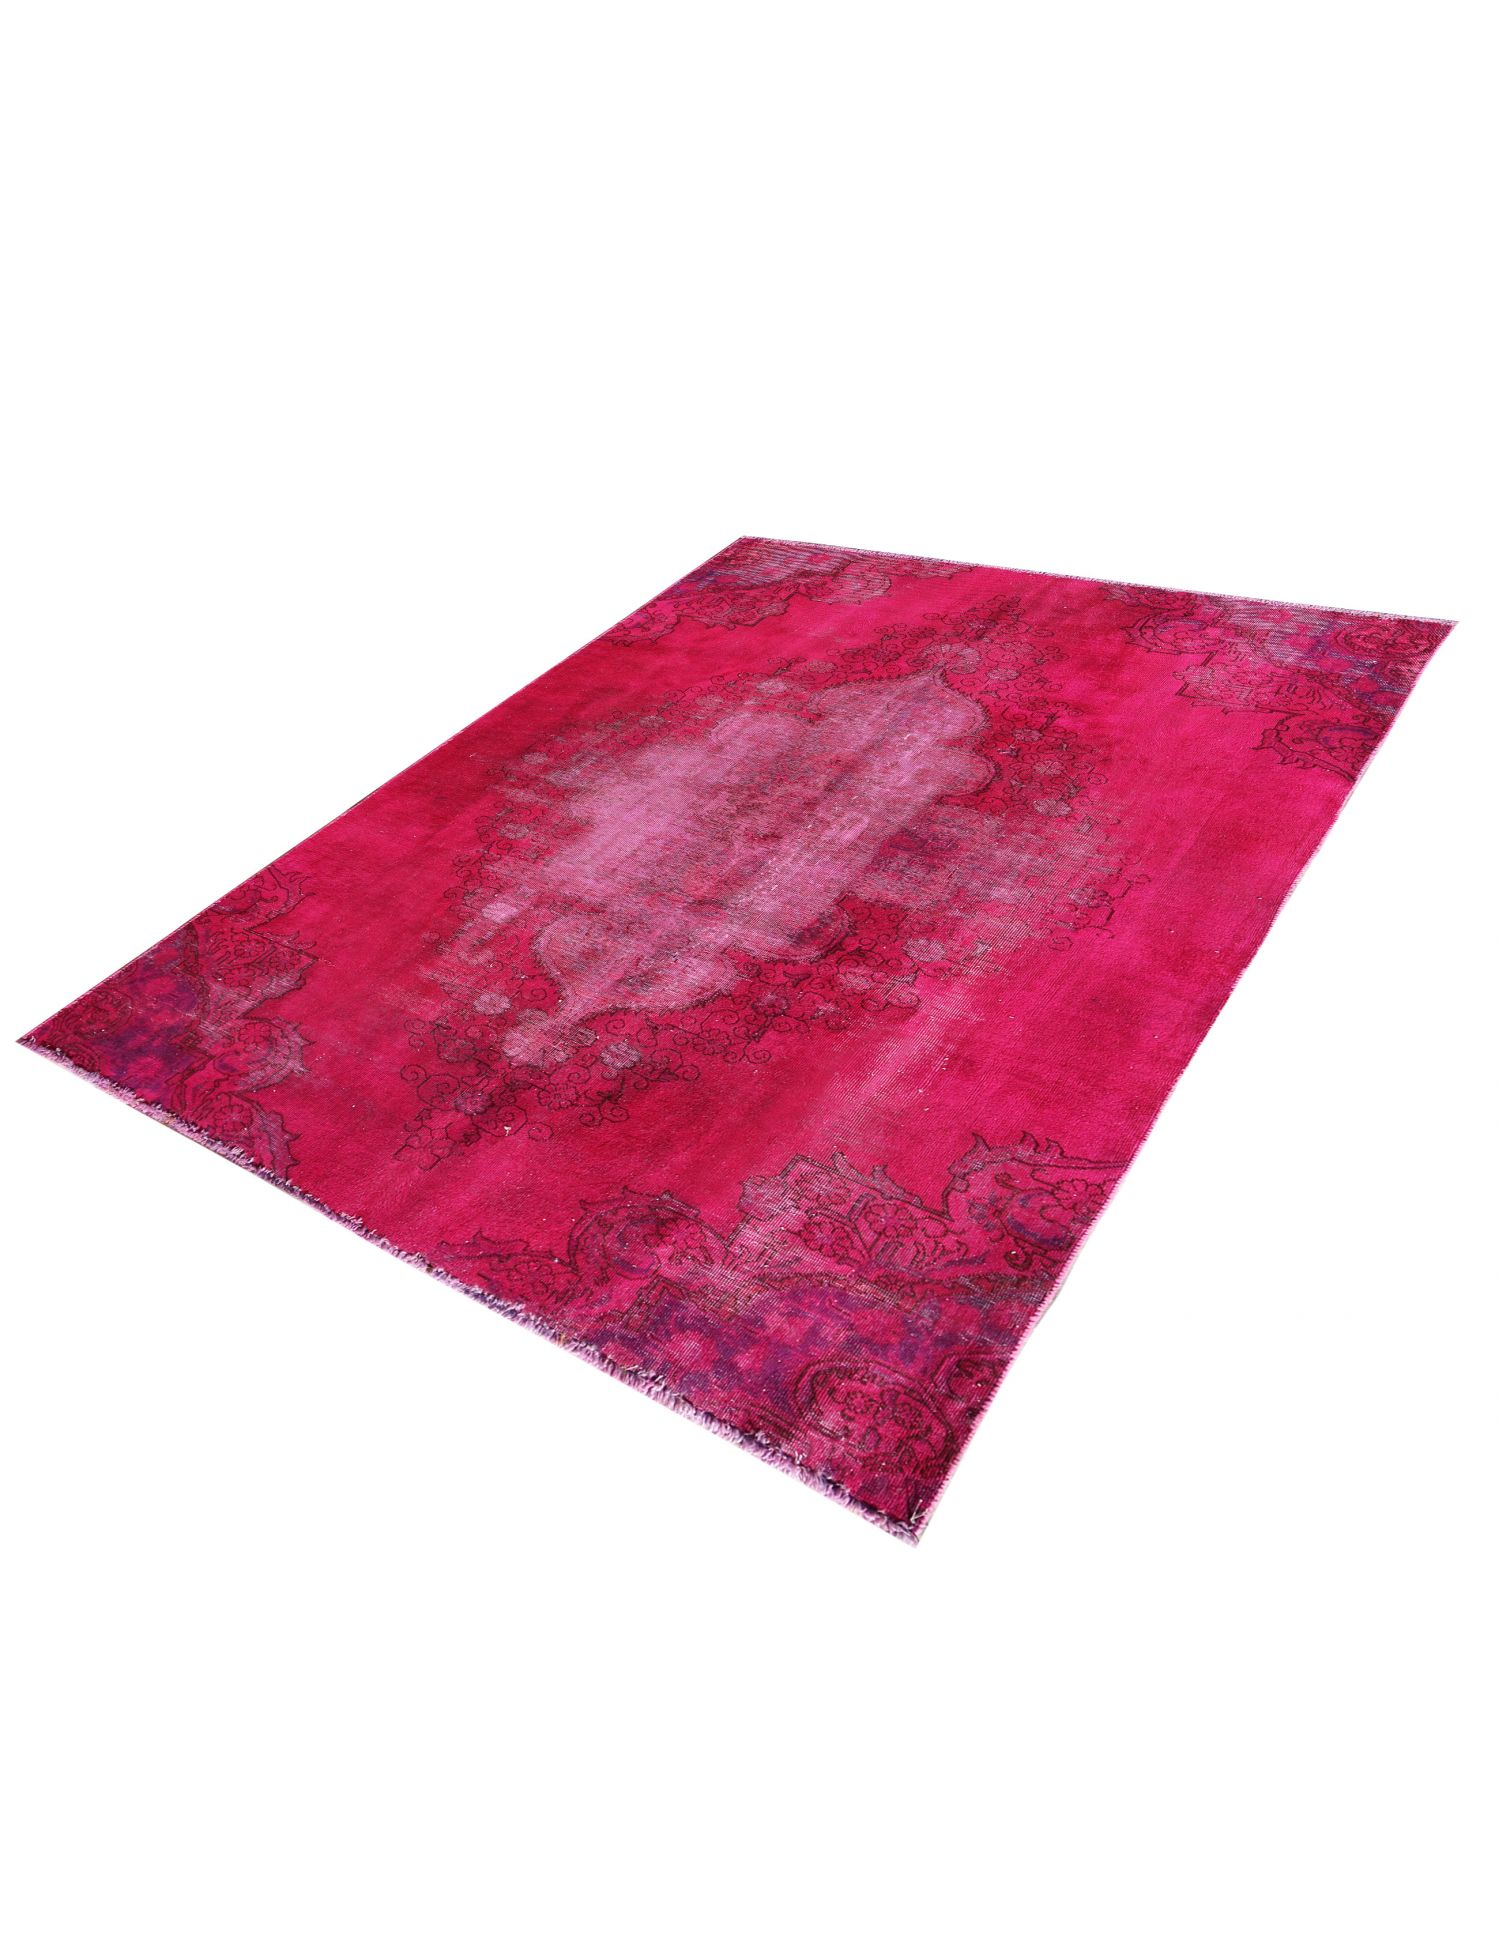 Vintage Teppich  rosa <br/>283 x 181 cm